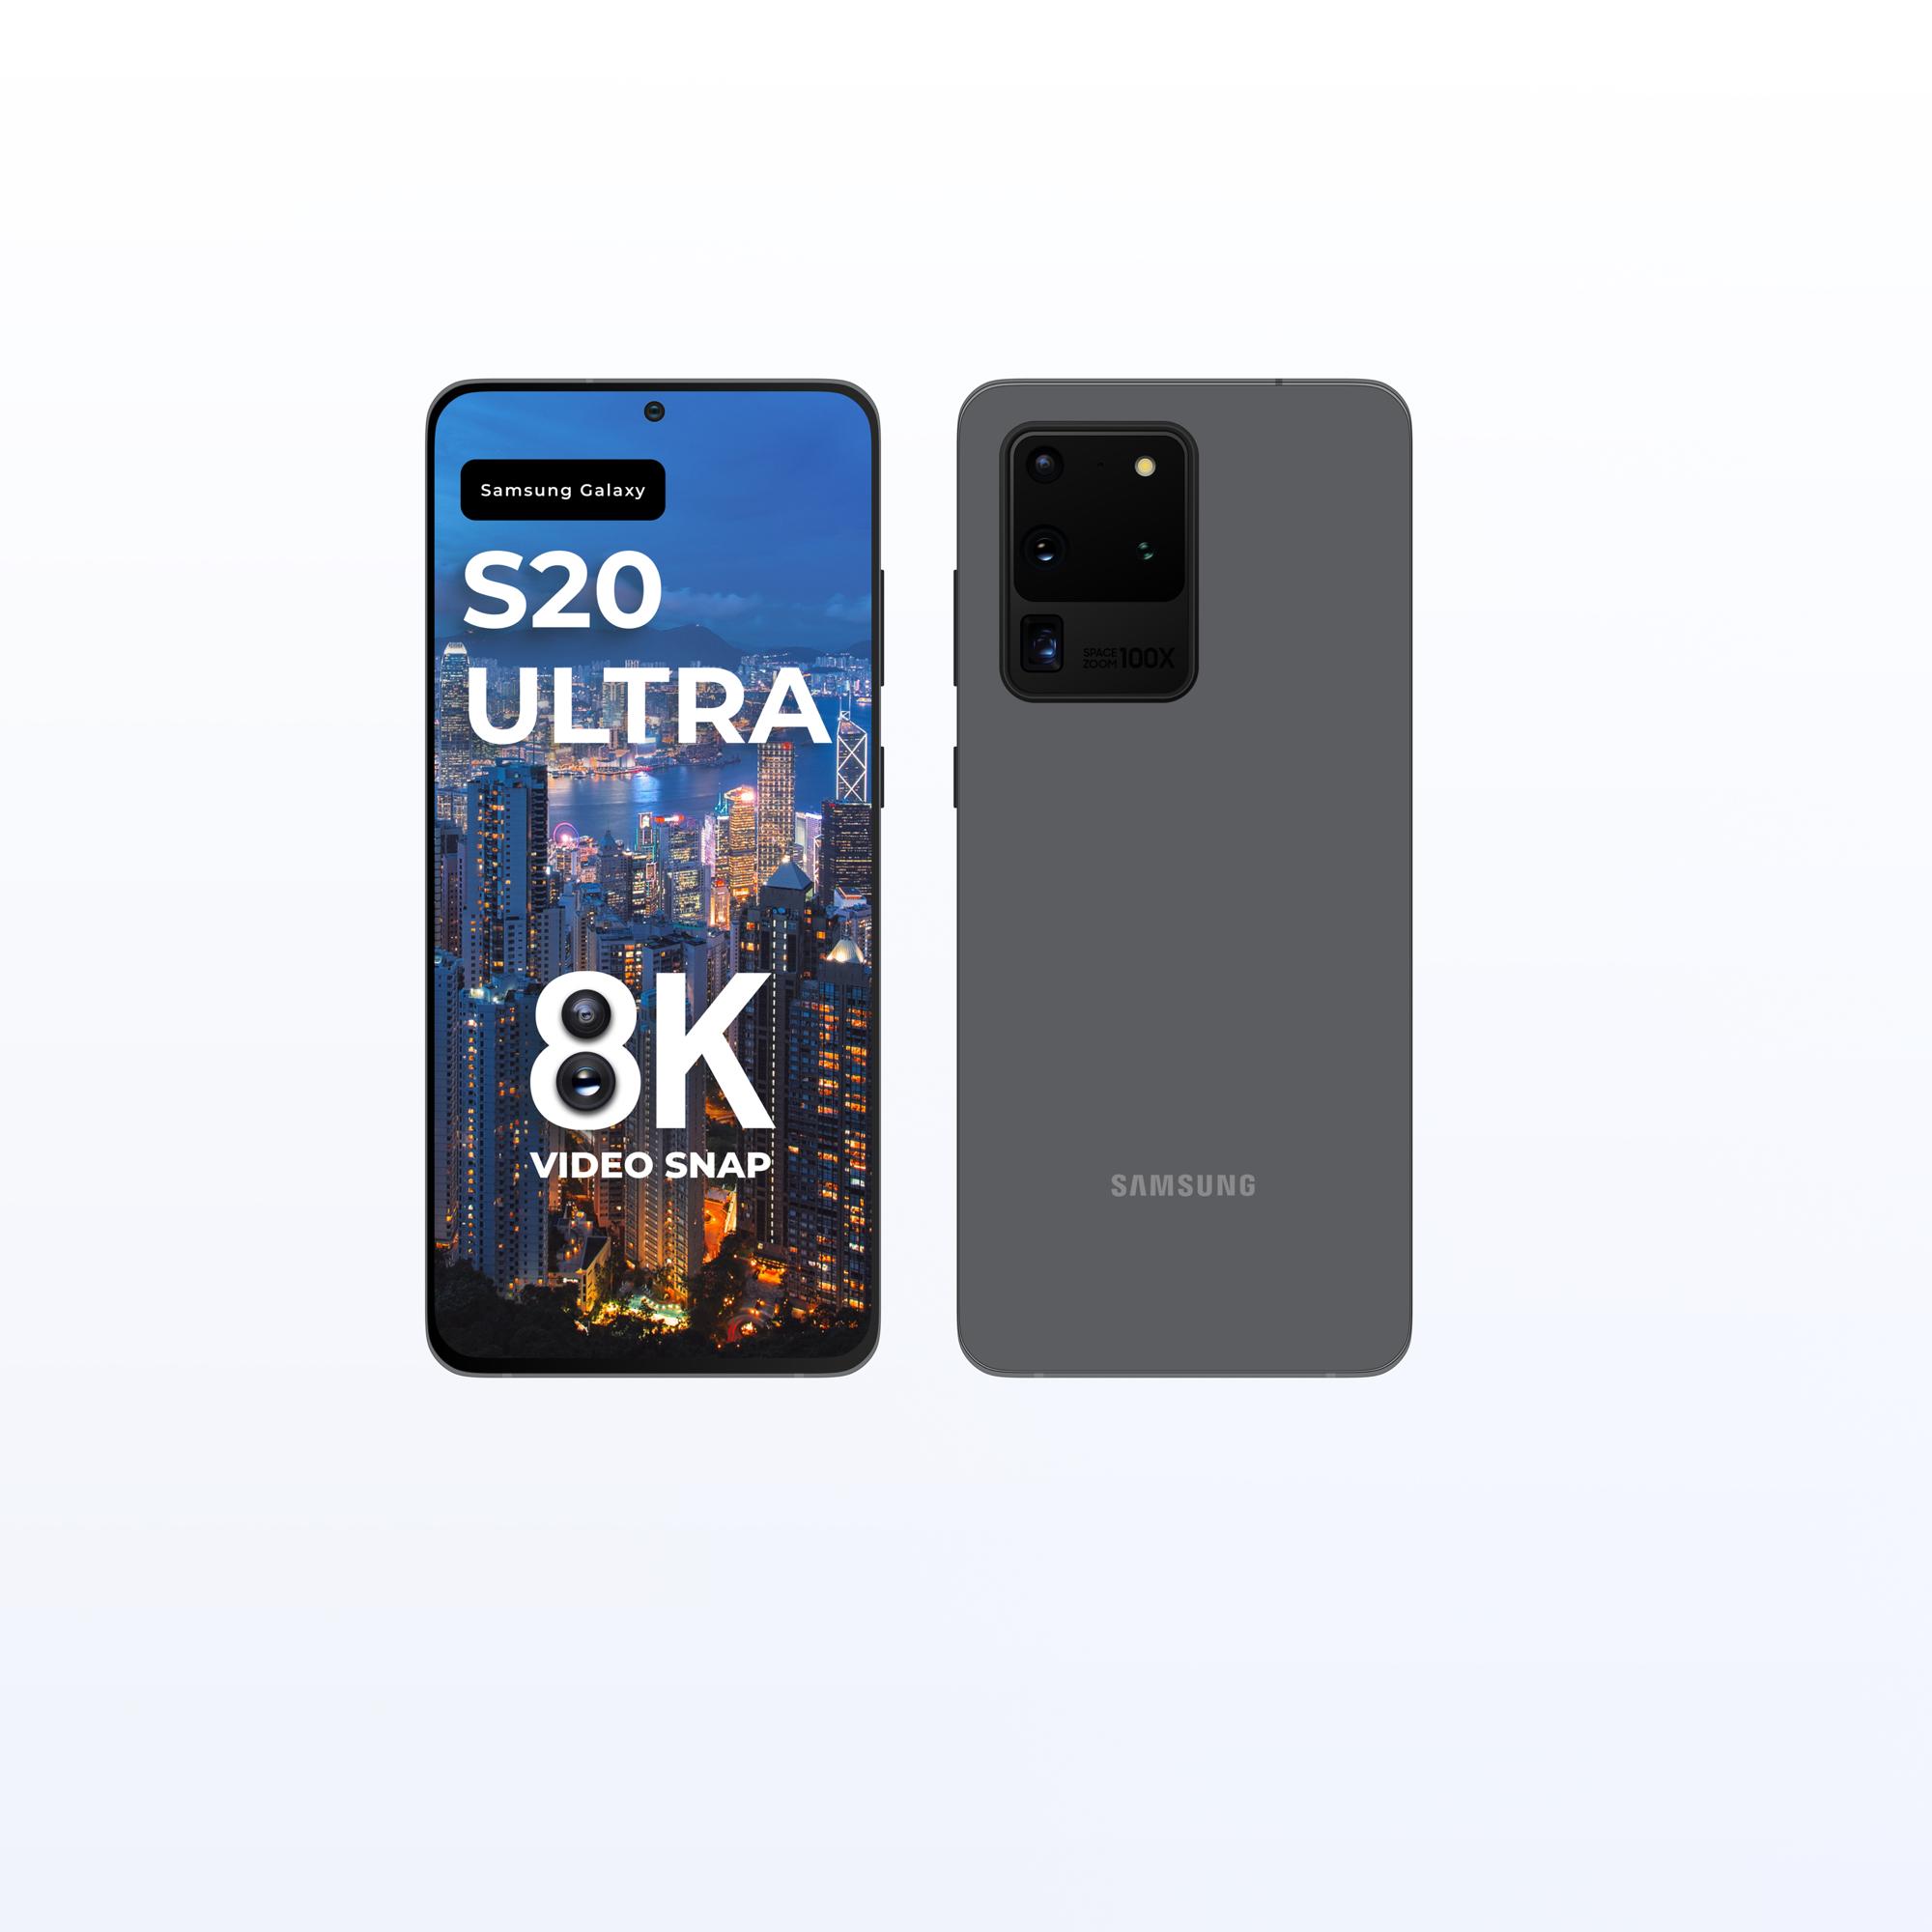 三星Galaxy S20 Ultra手机样机插图2